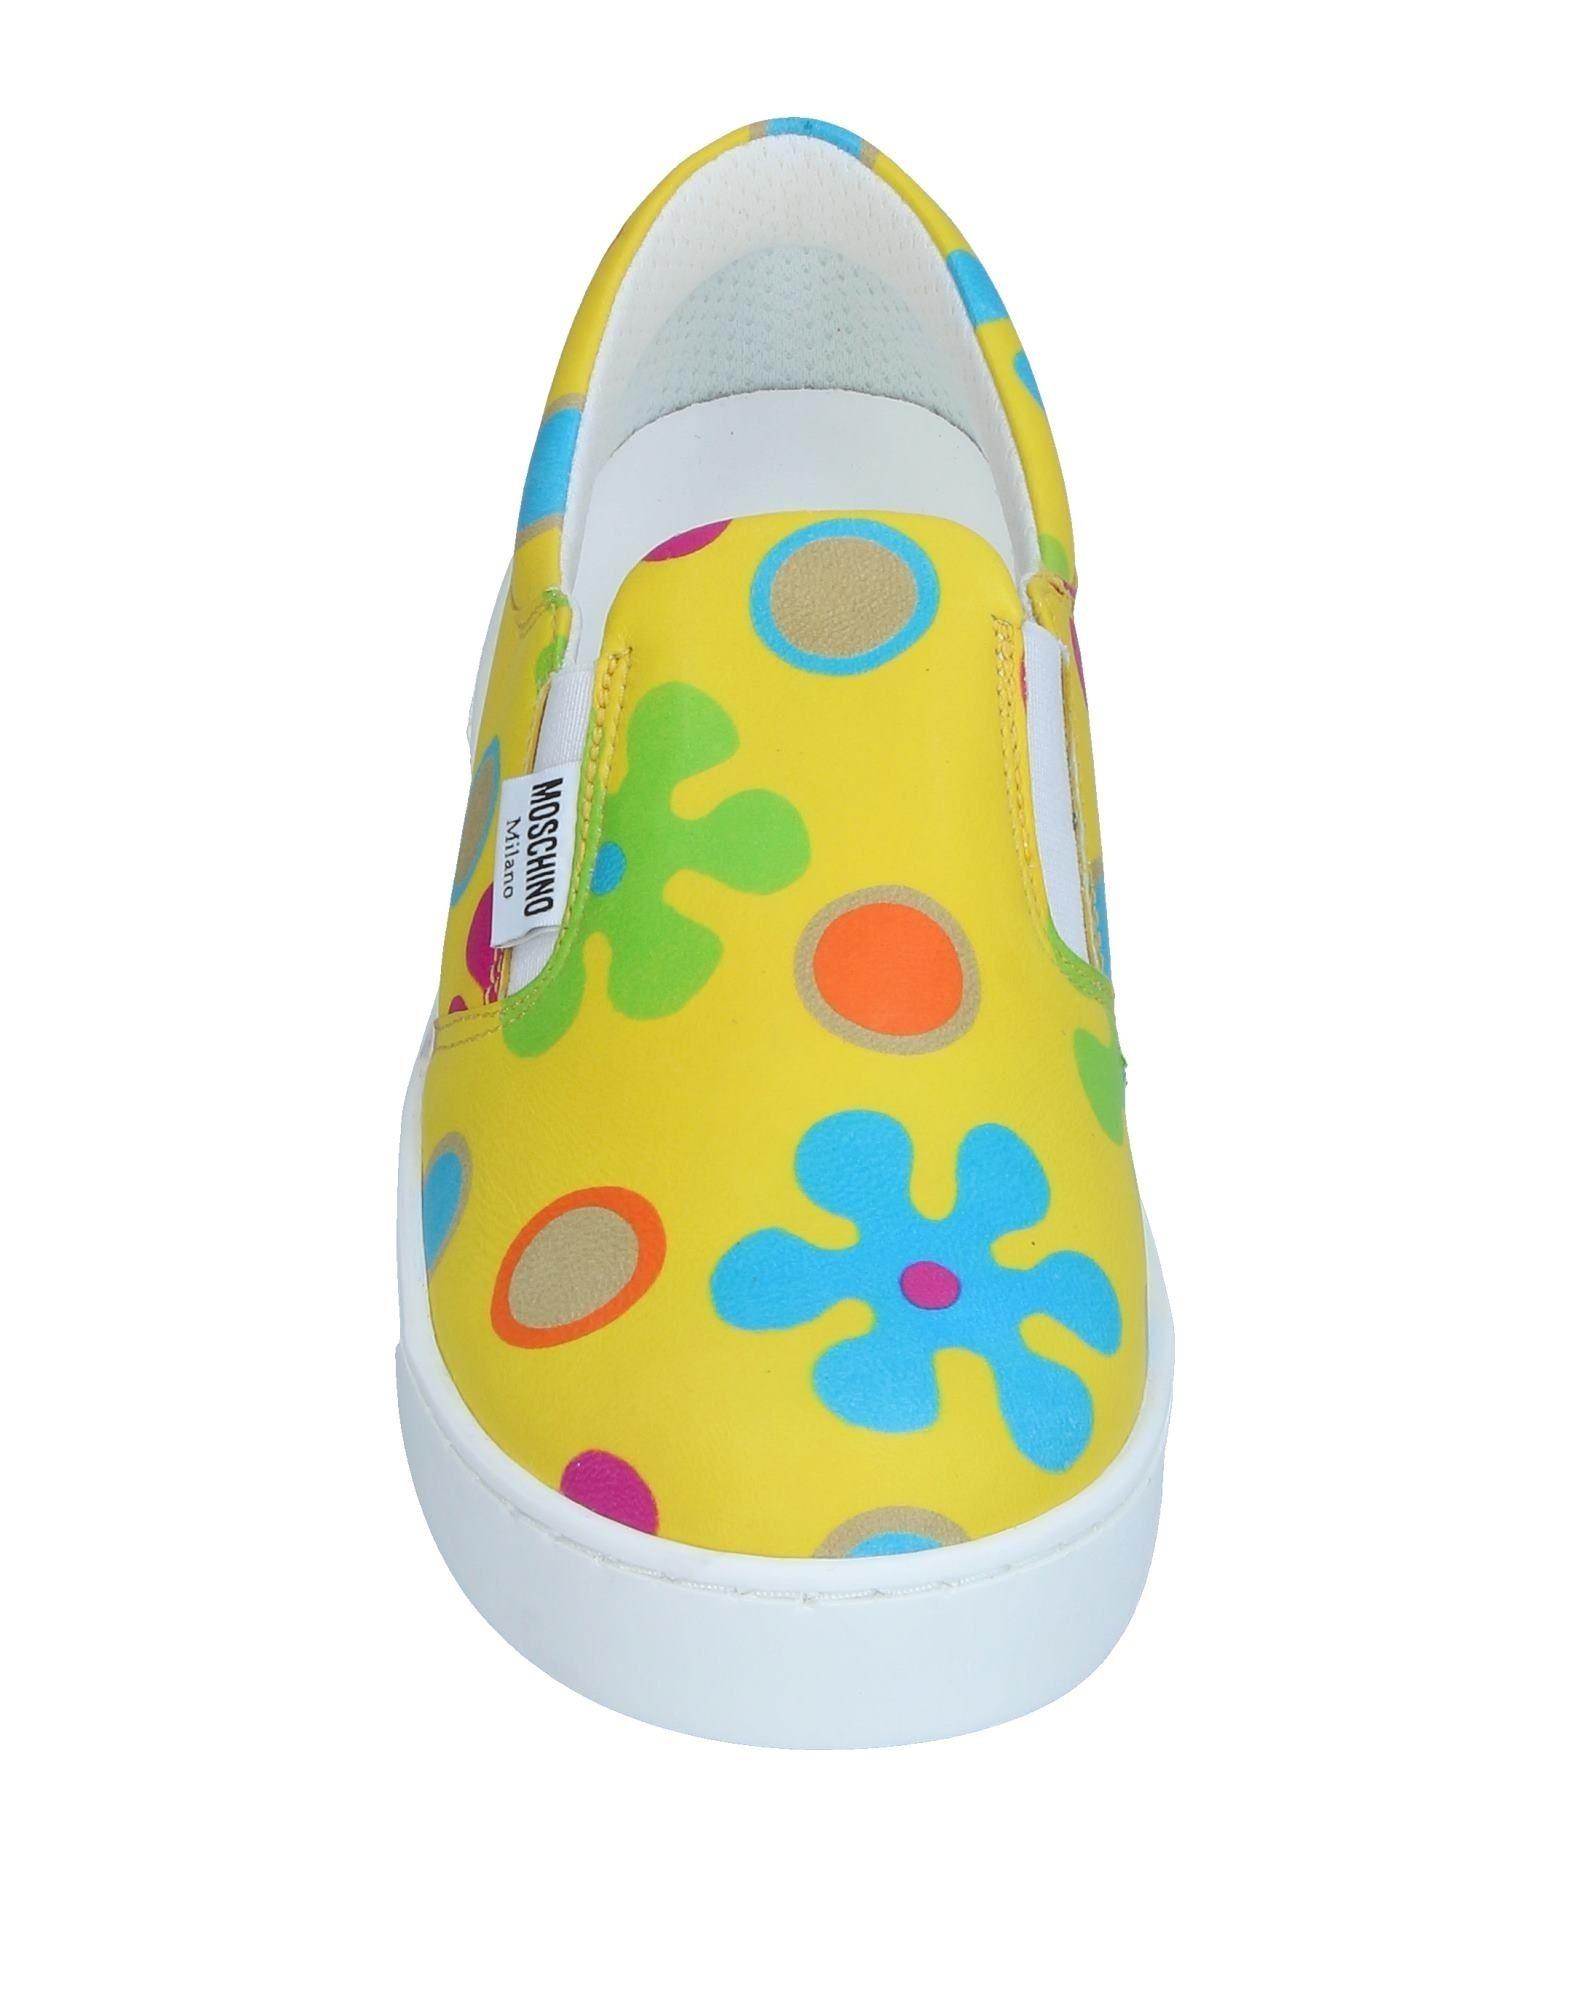 Moschino Sneakers - Women Moschino Sneakers Sneakers Sneakers online on  United Kingdom - 11326955ES d35b17